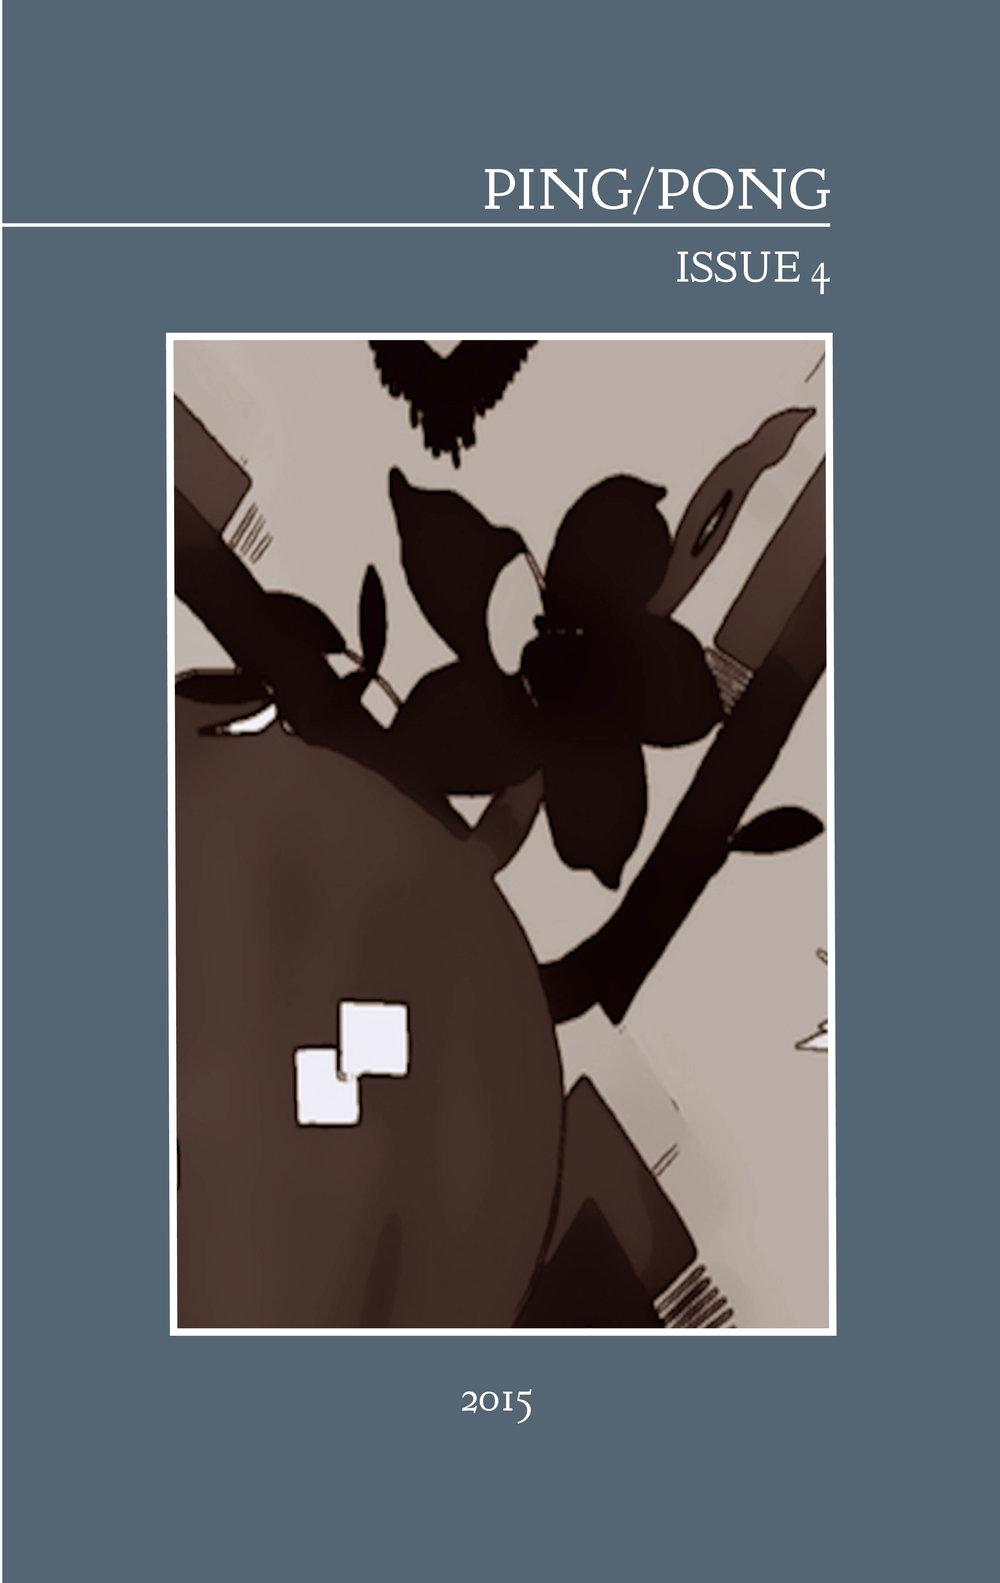 pingpong-cover.jpeg